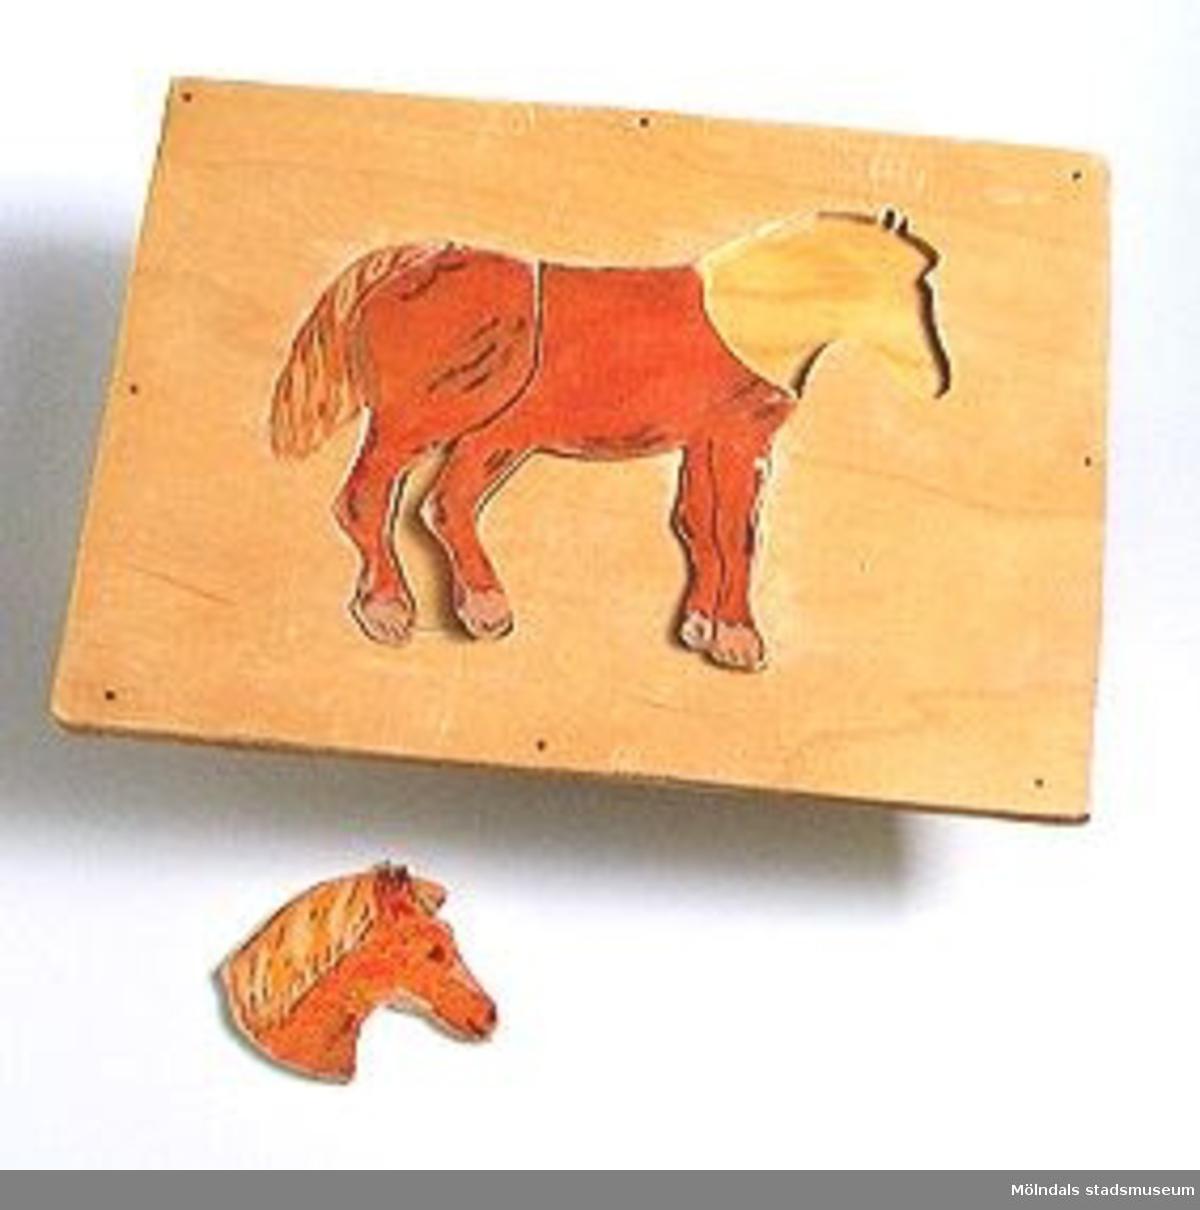 """Kontursågat i plywood, motiv """"häst""""  (dåligt lagad).Ingår i Holtermanska samlingen."""